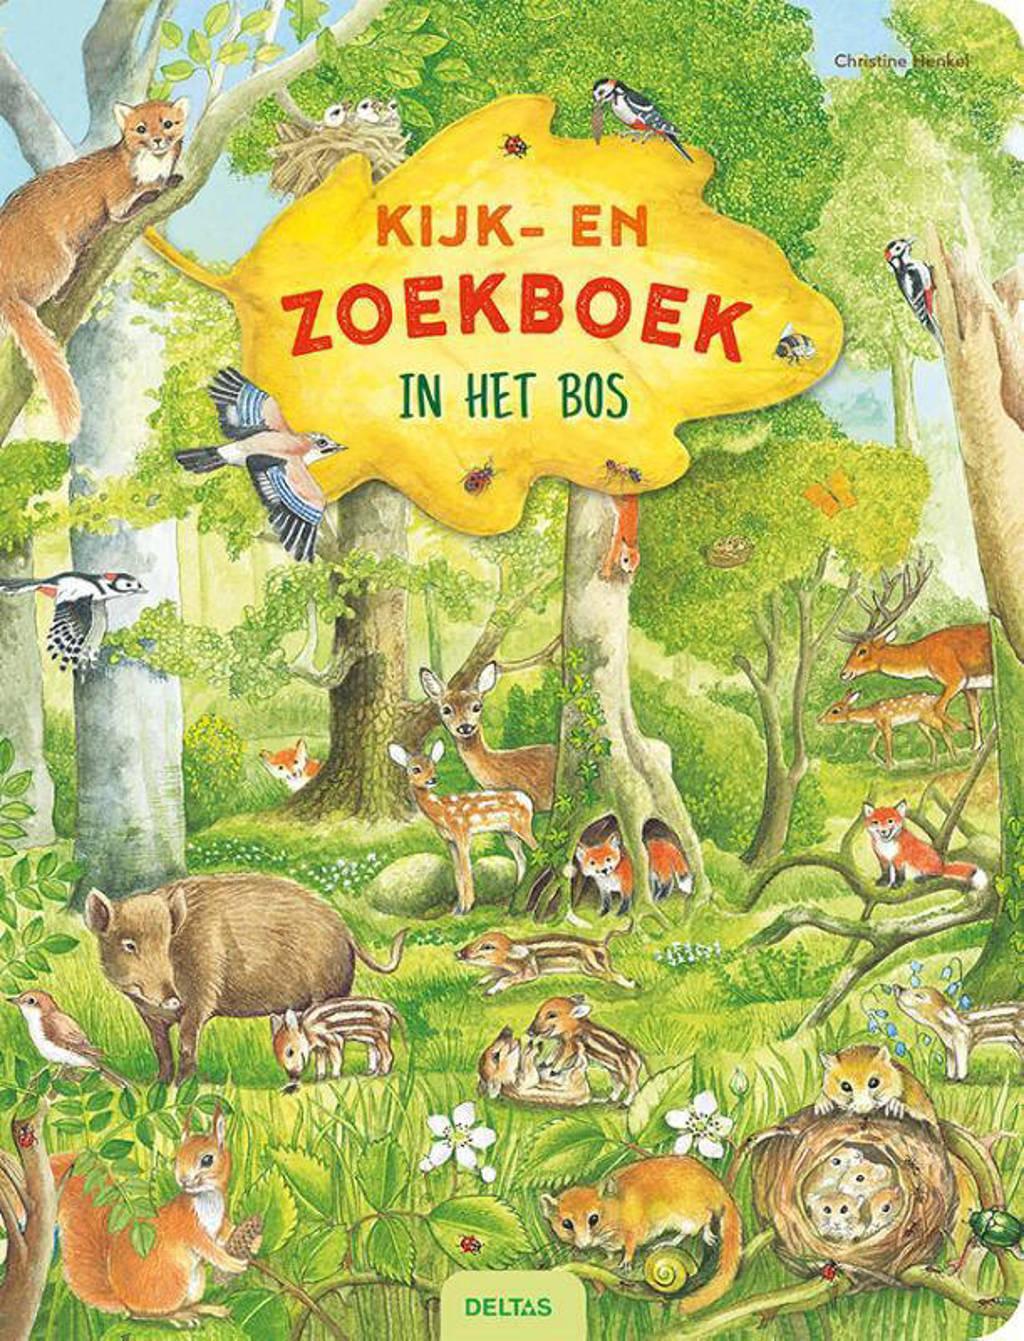 Kijk- en zoekboek: In het bos